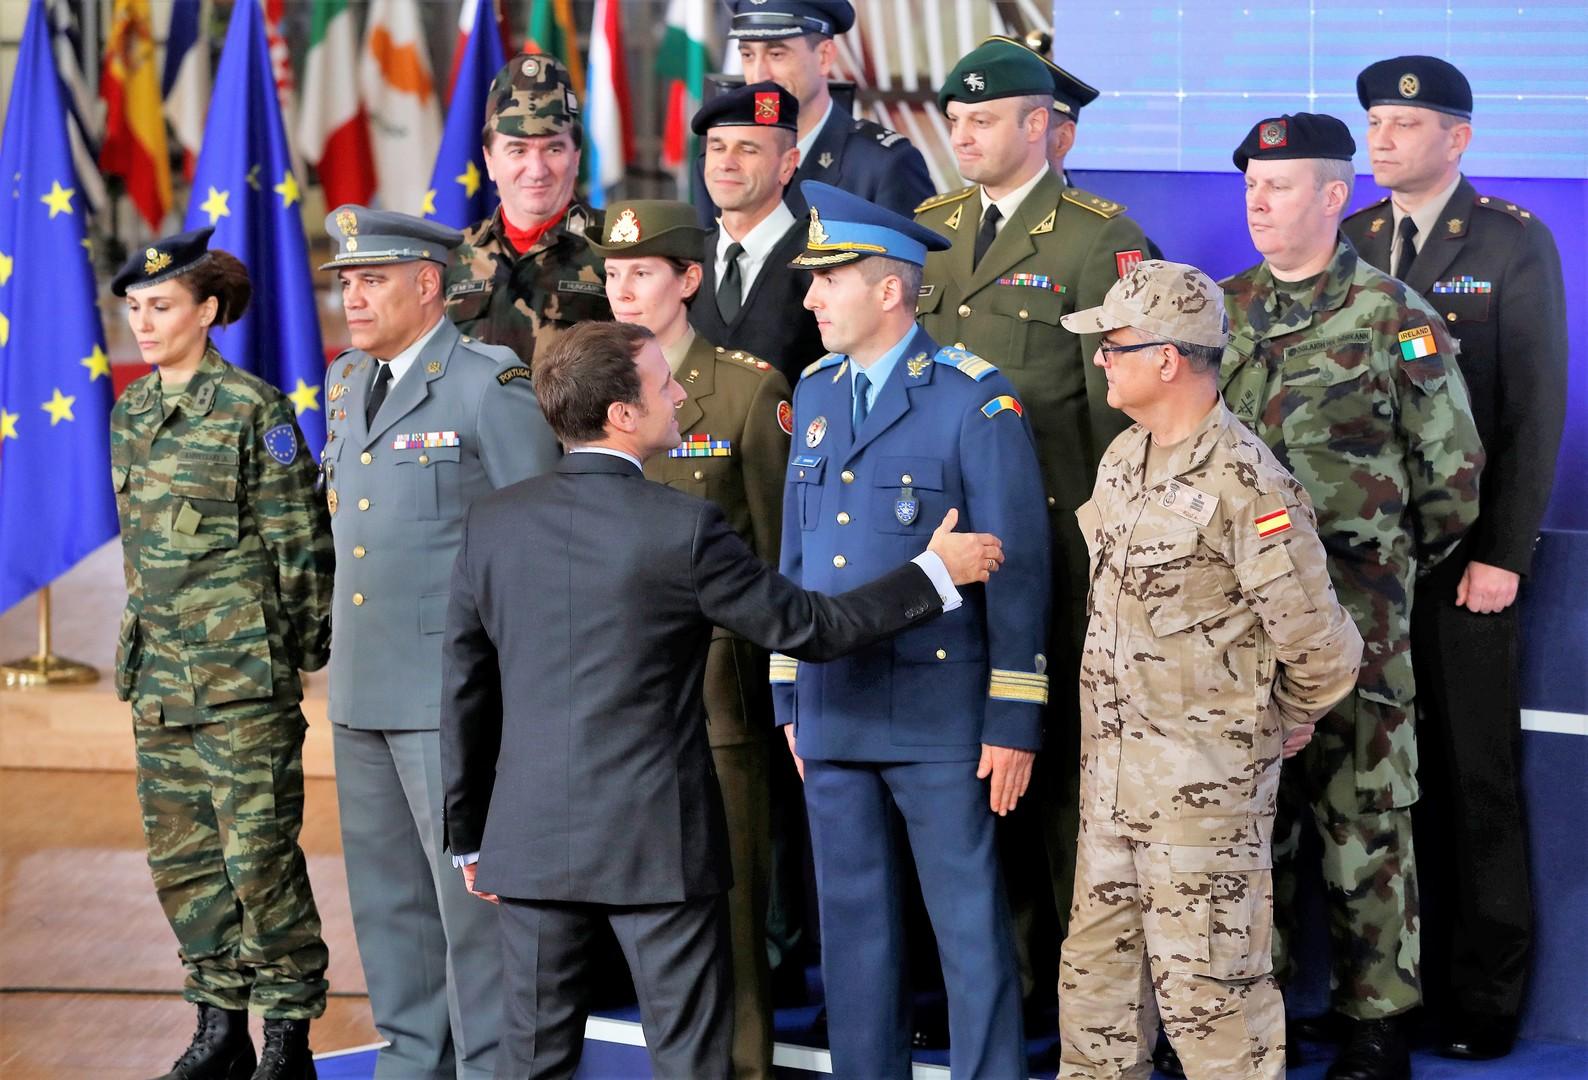 """Als Sicherheitslieferant gegen """"Feinde"""": EU unterwegs zur weiteren Militarisierung"""